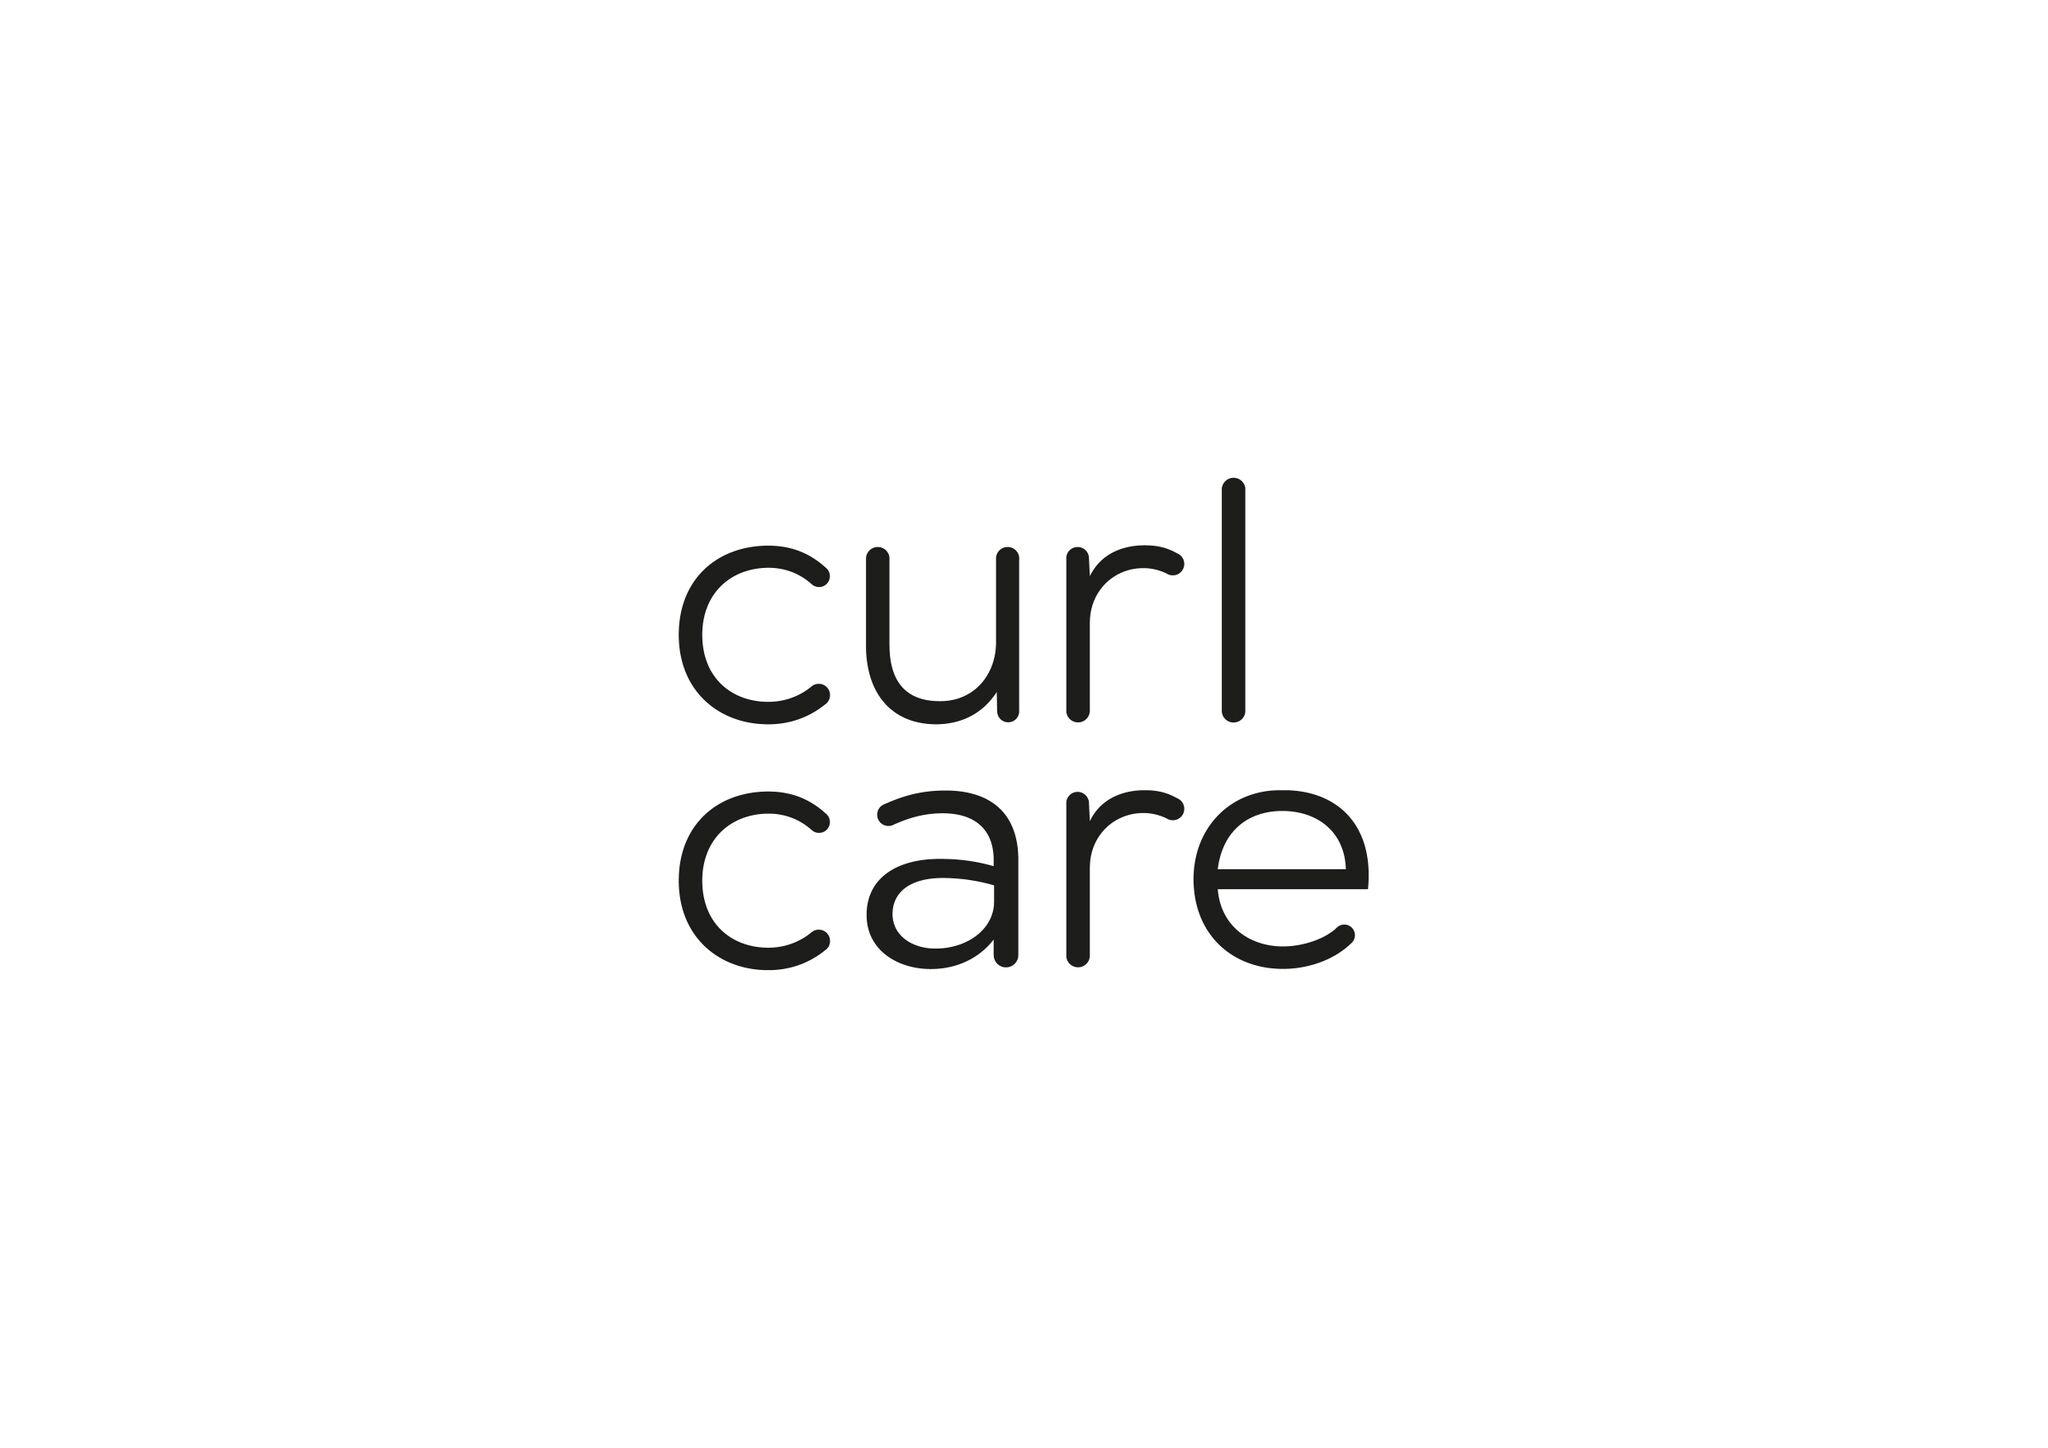 Curl Care